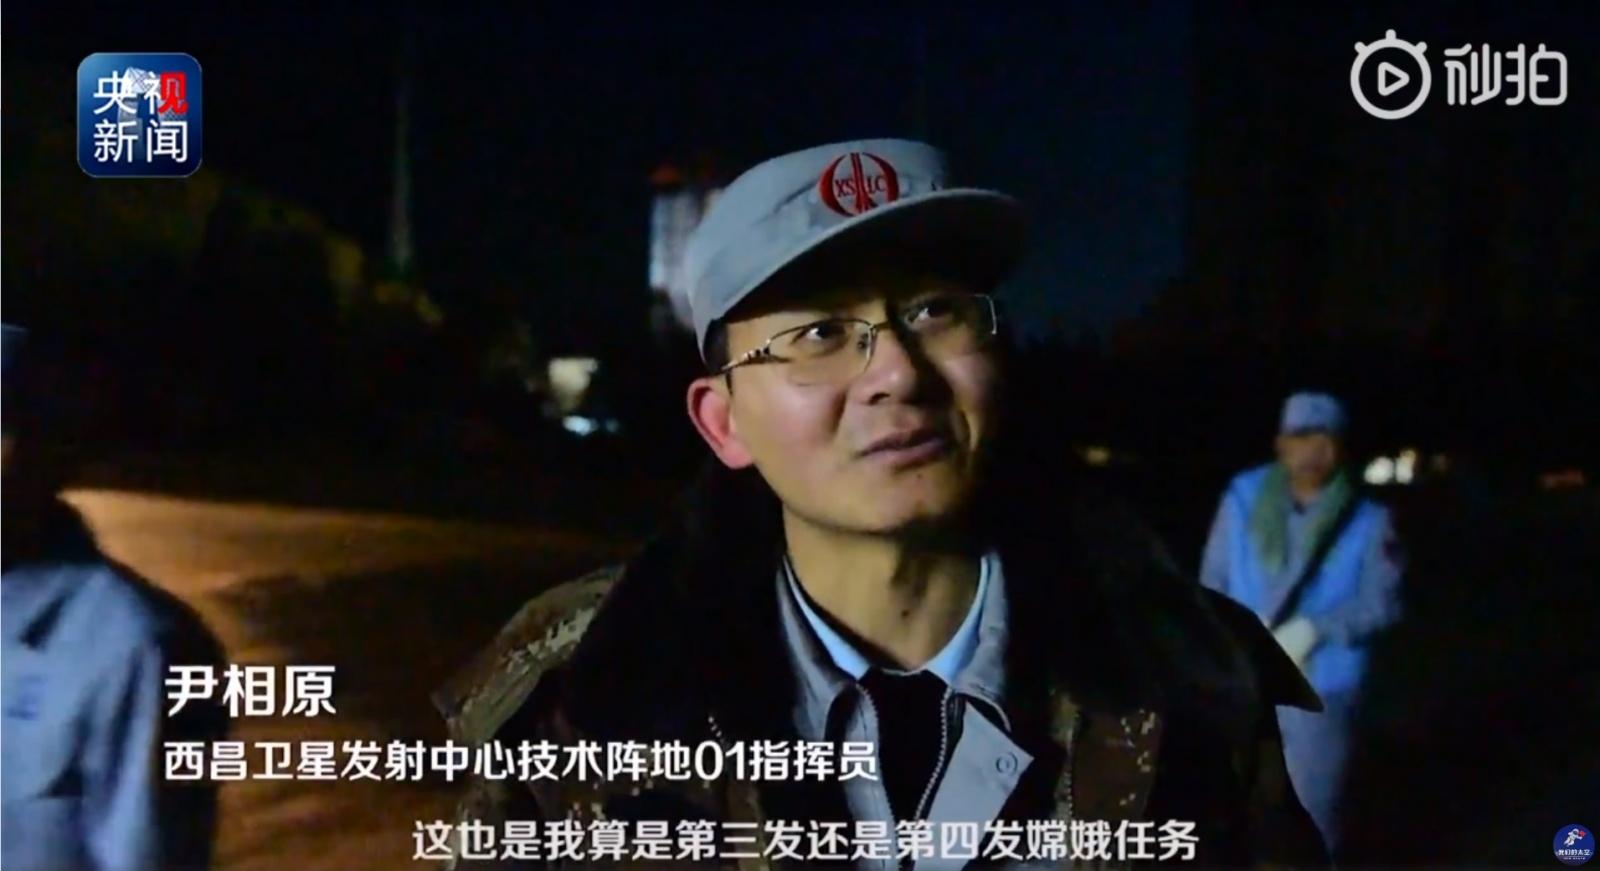 Суровая рабочая реальность — Китайский космодром Сичан (Xichang Satellite Launch Center — XSLC) - 104